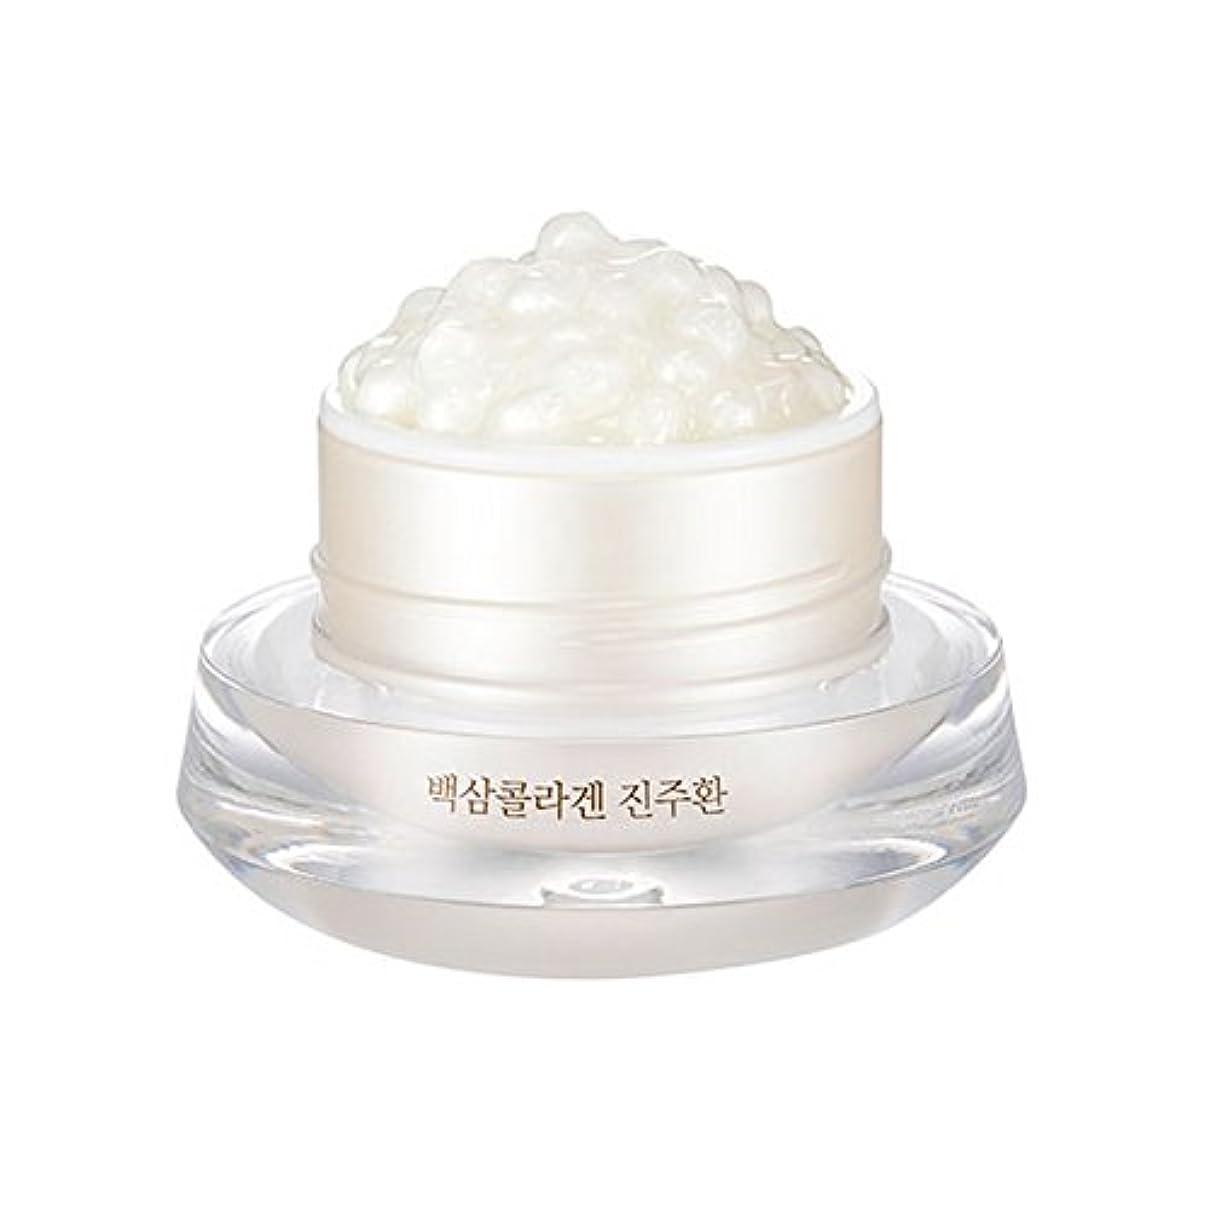 ページ砂漠宝[ザ?フェイスショップ] The Face Shop 白参 コラーゲン パール カプセルクリーム White Ginseng Collagen Pearl Capsule Cream [並行輸入品]